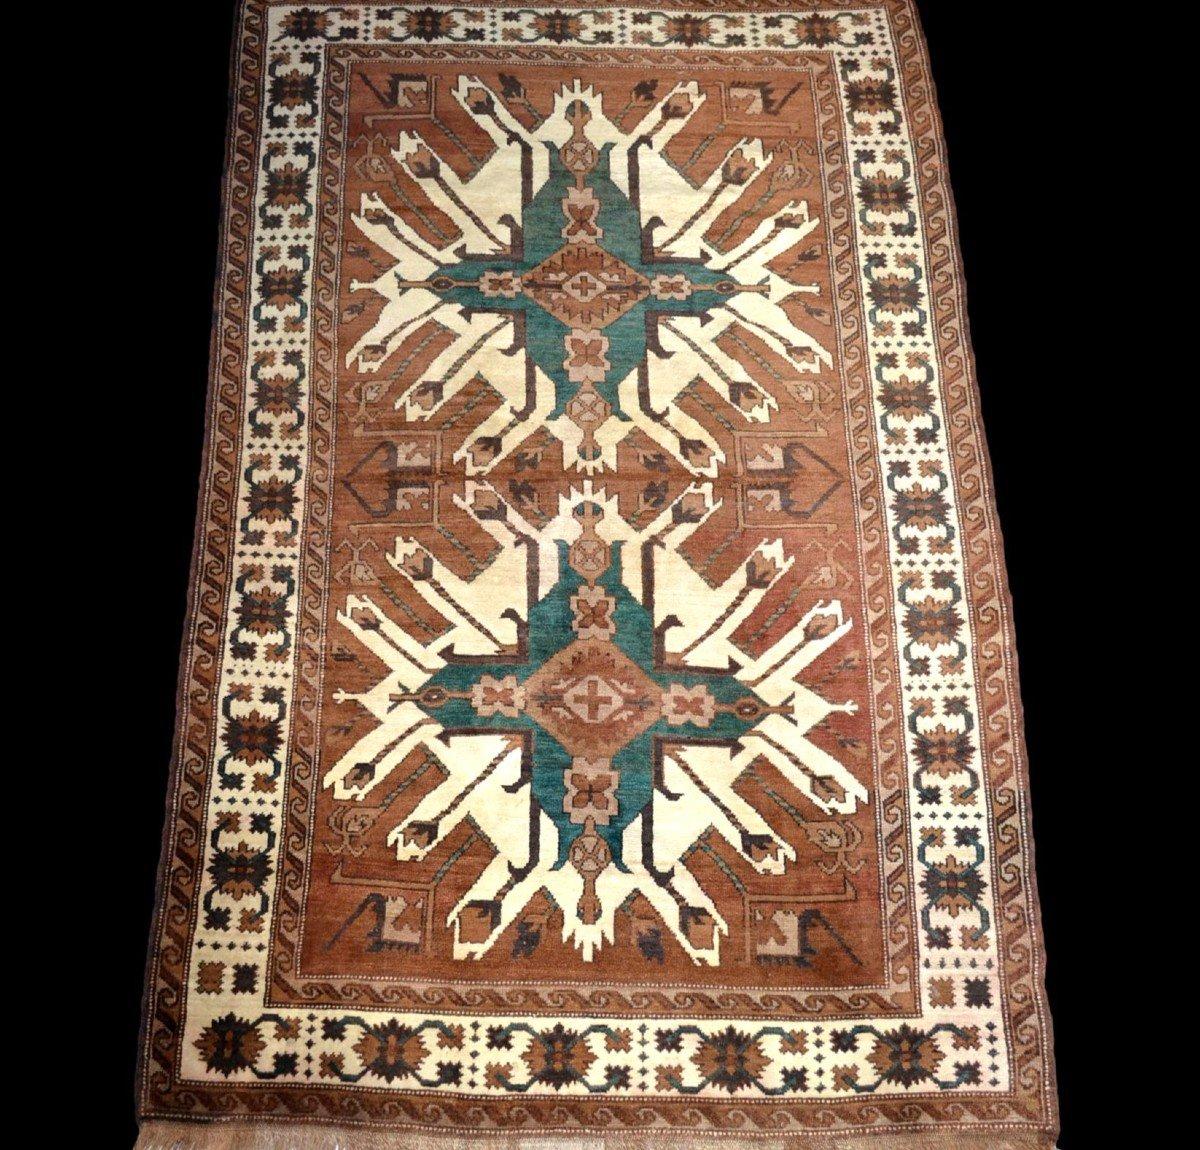 Tapis Chelaberd, Caucase, 157 cm x 242 cm, région du Karabagh, vers 1950/1960, parfait état